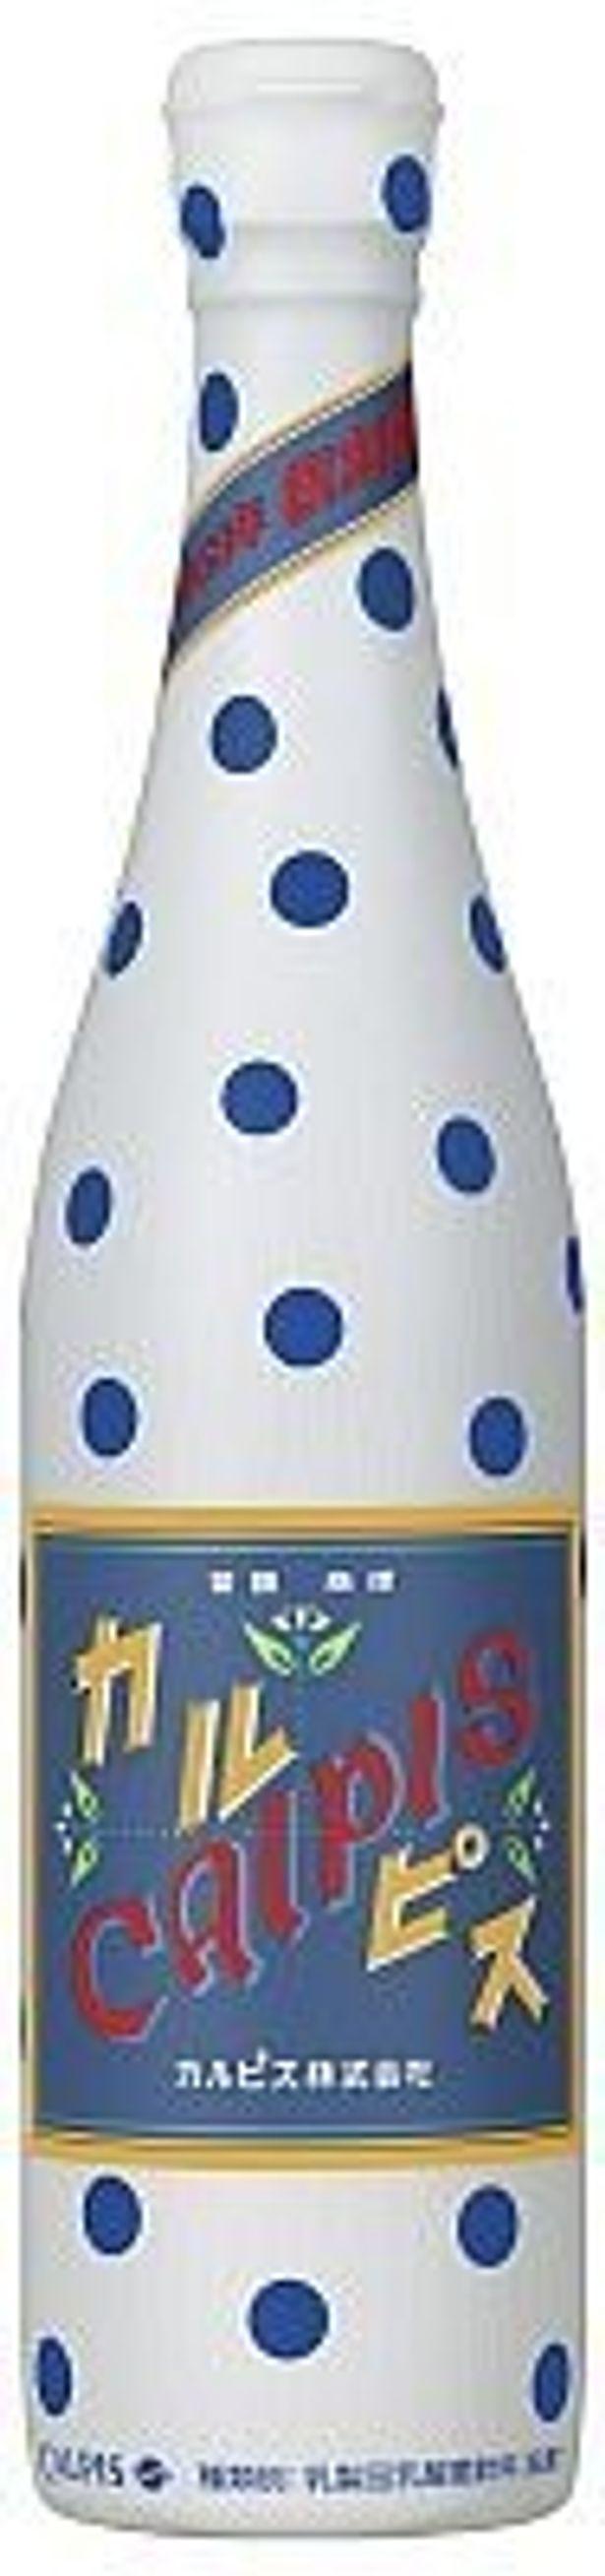 白地に紺の水玉をあしらったパッケージになった記念すべき「1953年版」を復刻!